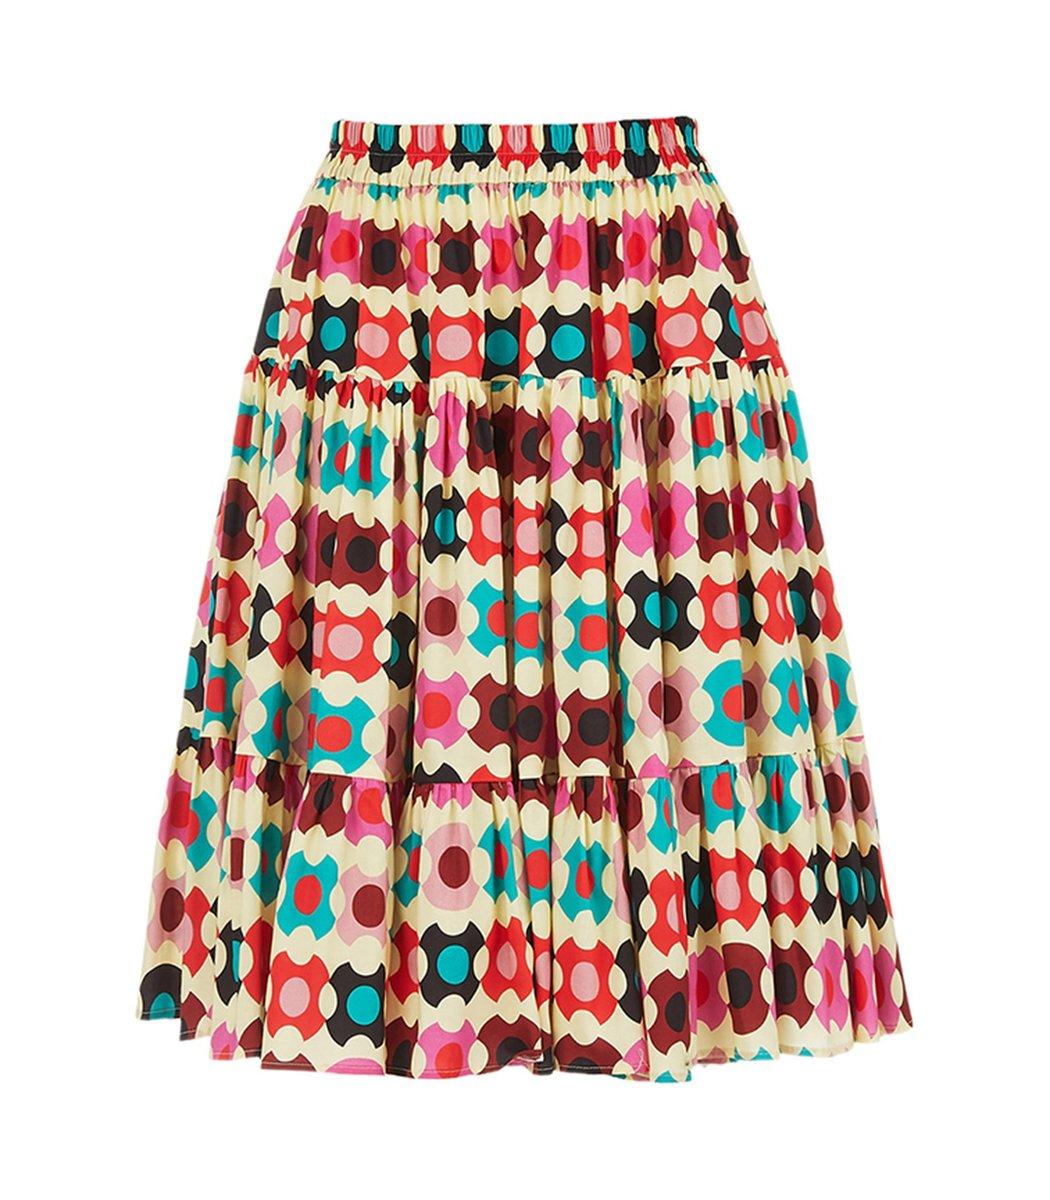 La Doublej Love Skirt in Groovy Dot Giallo